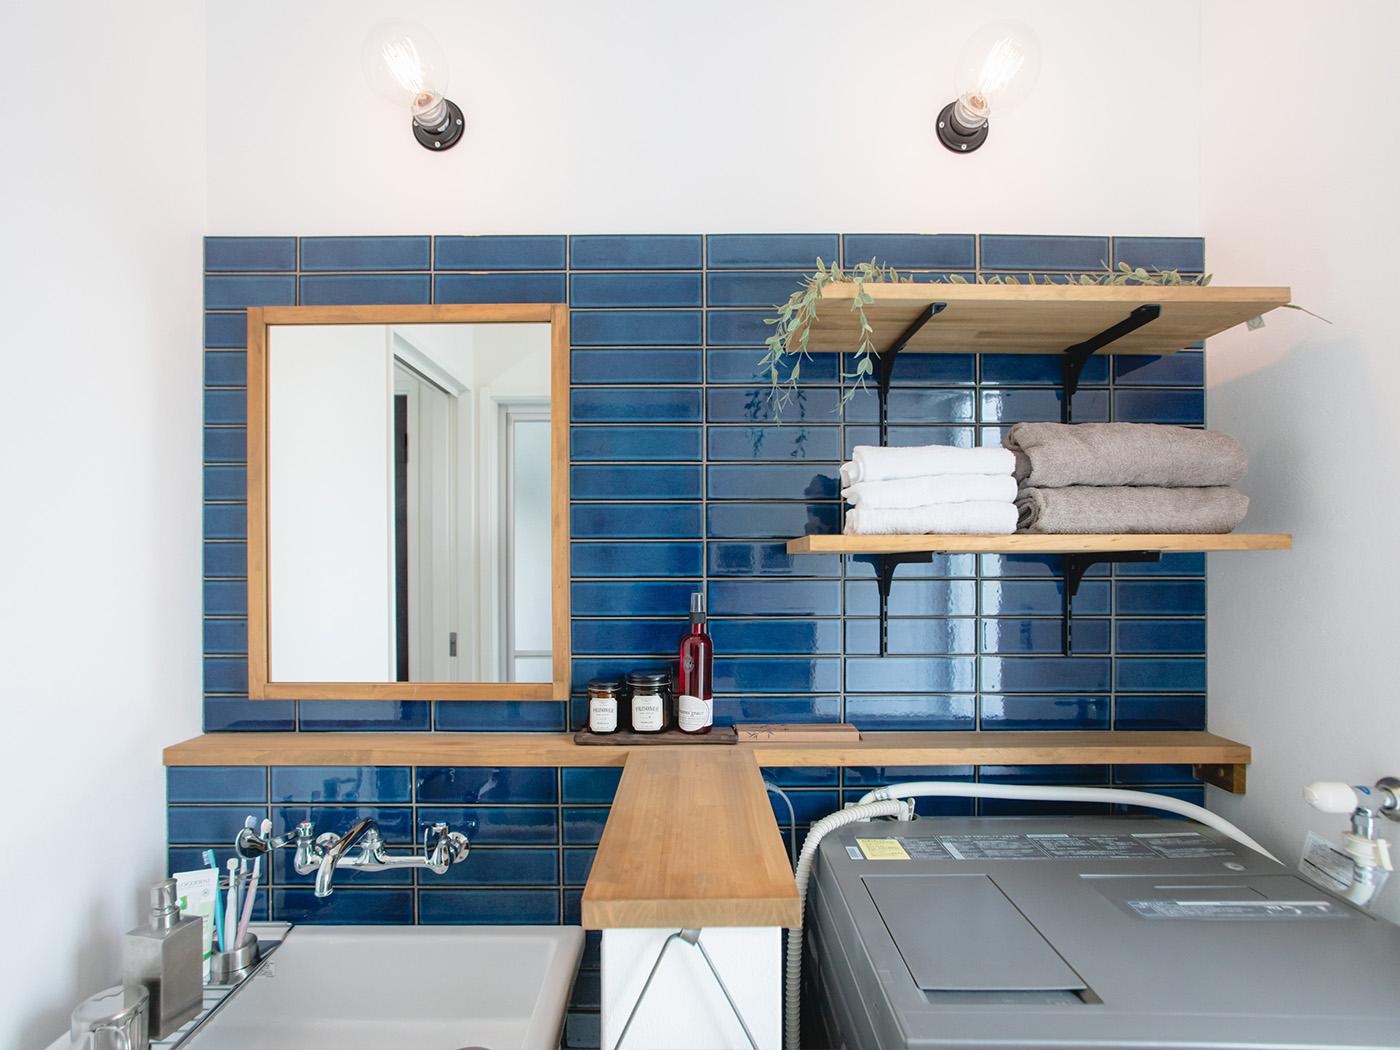 洗面所のタイルの色選びと貼り方には特に時間をかけたそう。